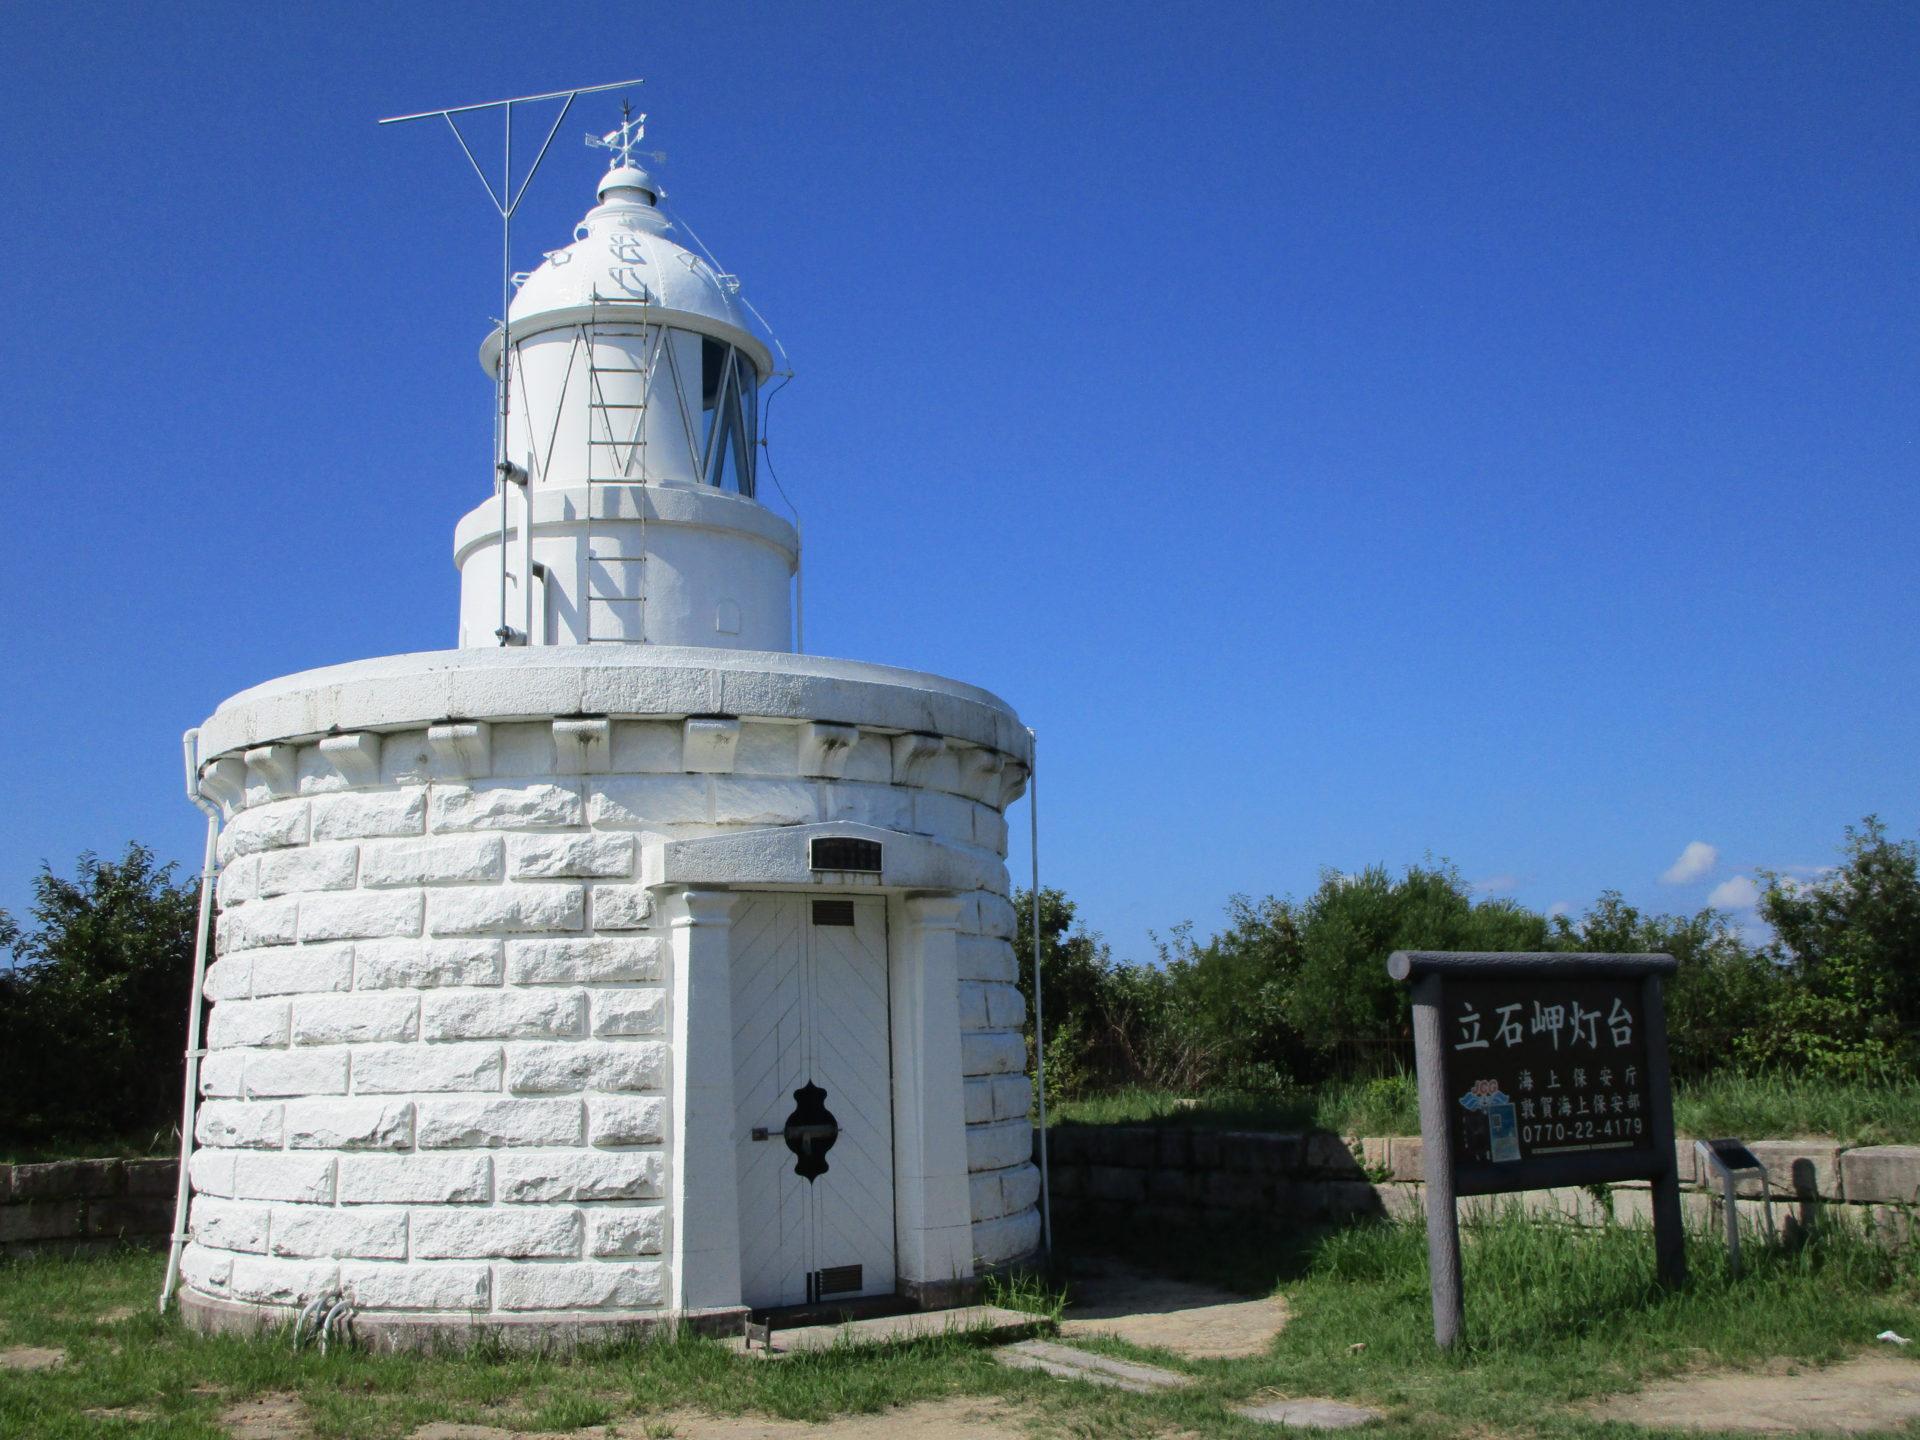 土木遺産⑱ 敦賀港の安全を140年間見守り続けた立石岬灯台